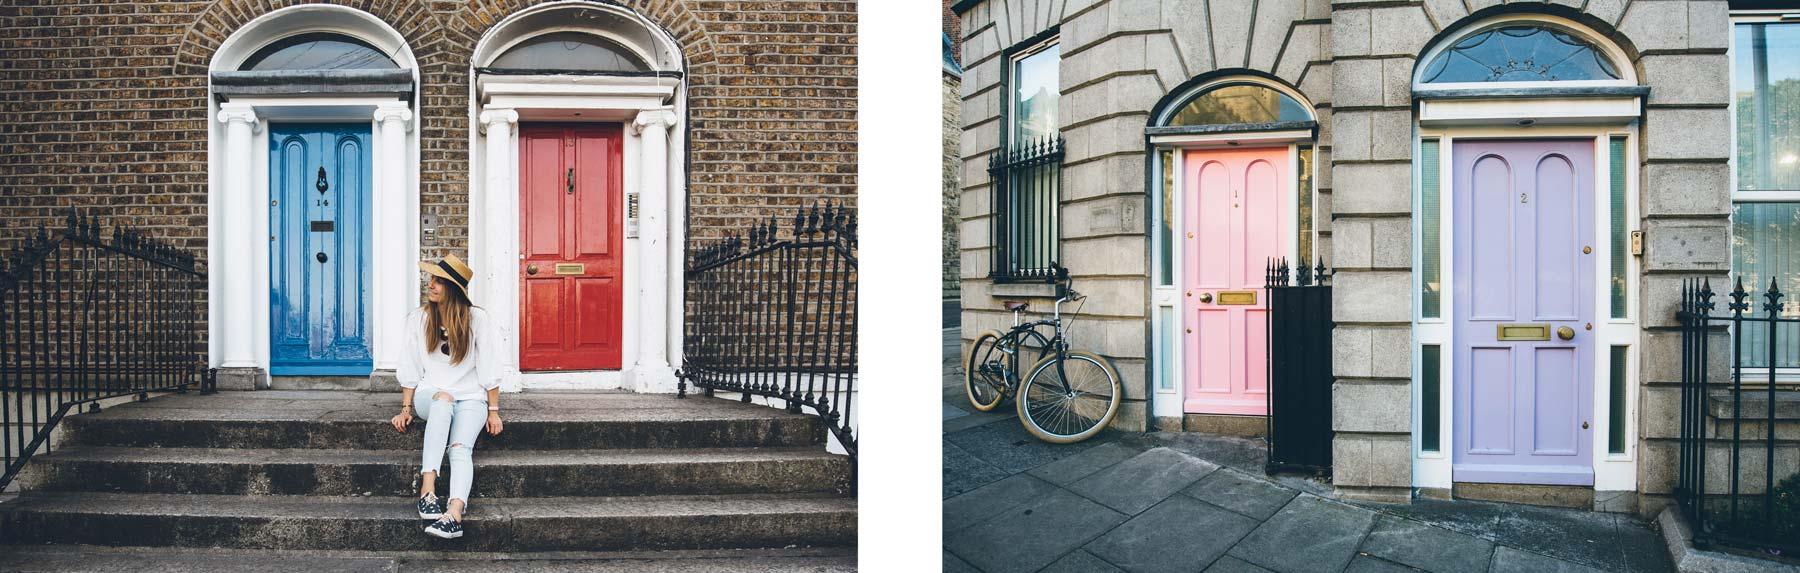 Portes Colorées, Dublin